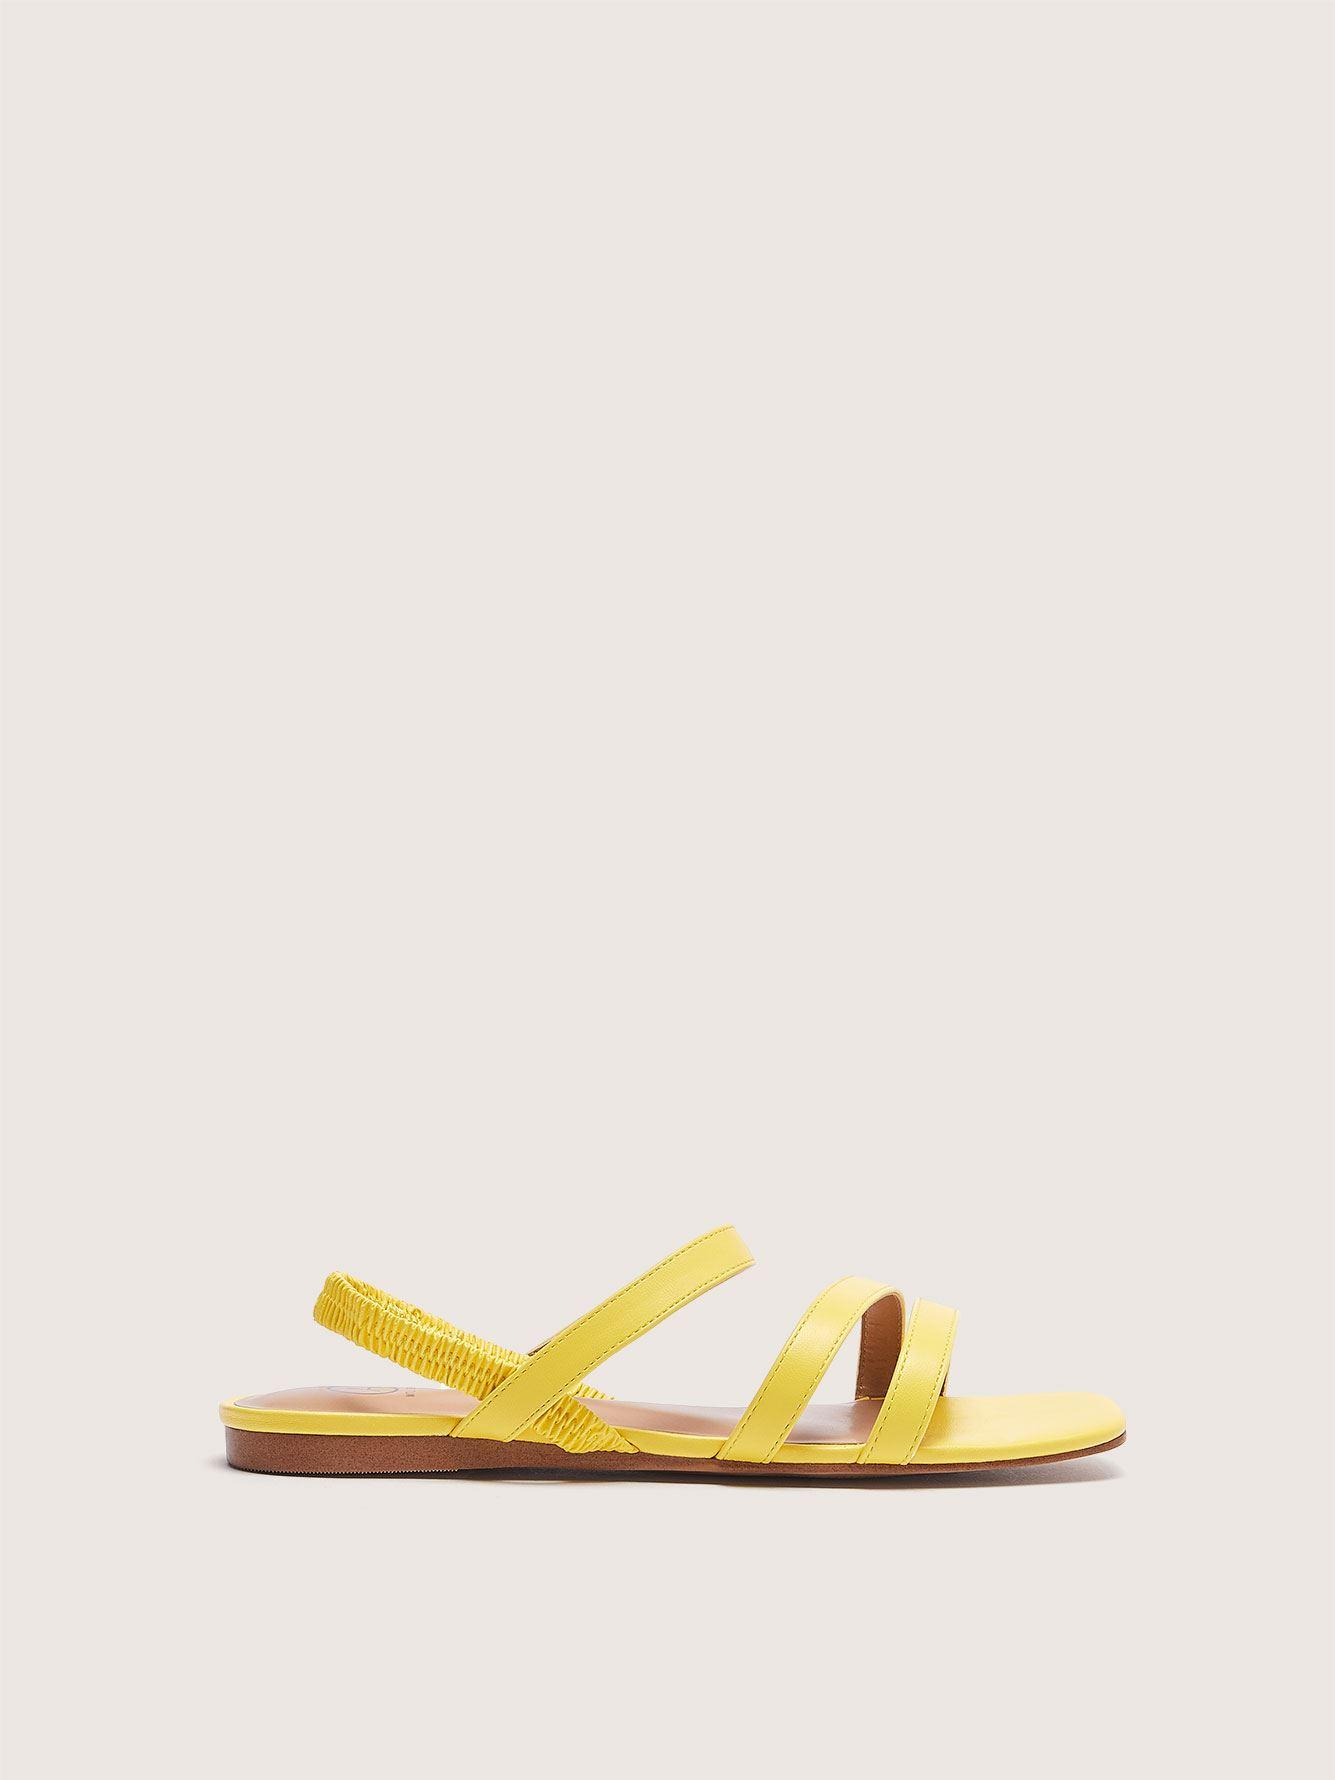 Wide Elastic Strap Flat Sandal - Addition Elle 12